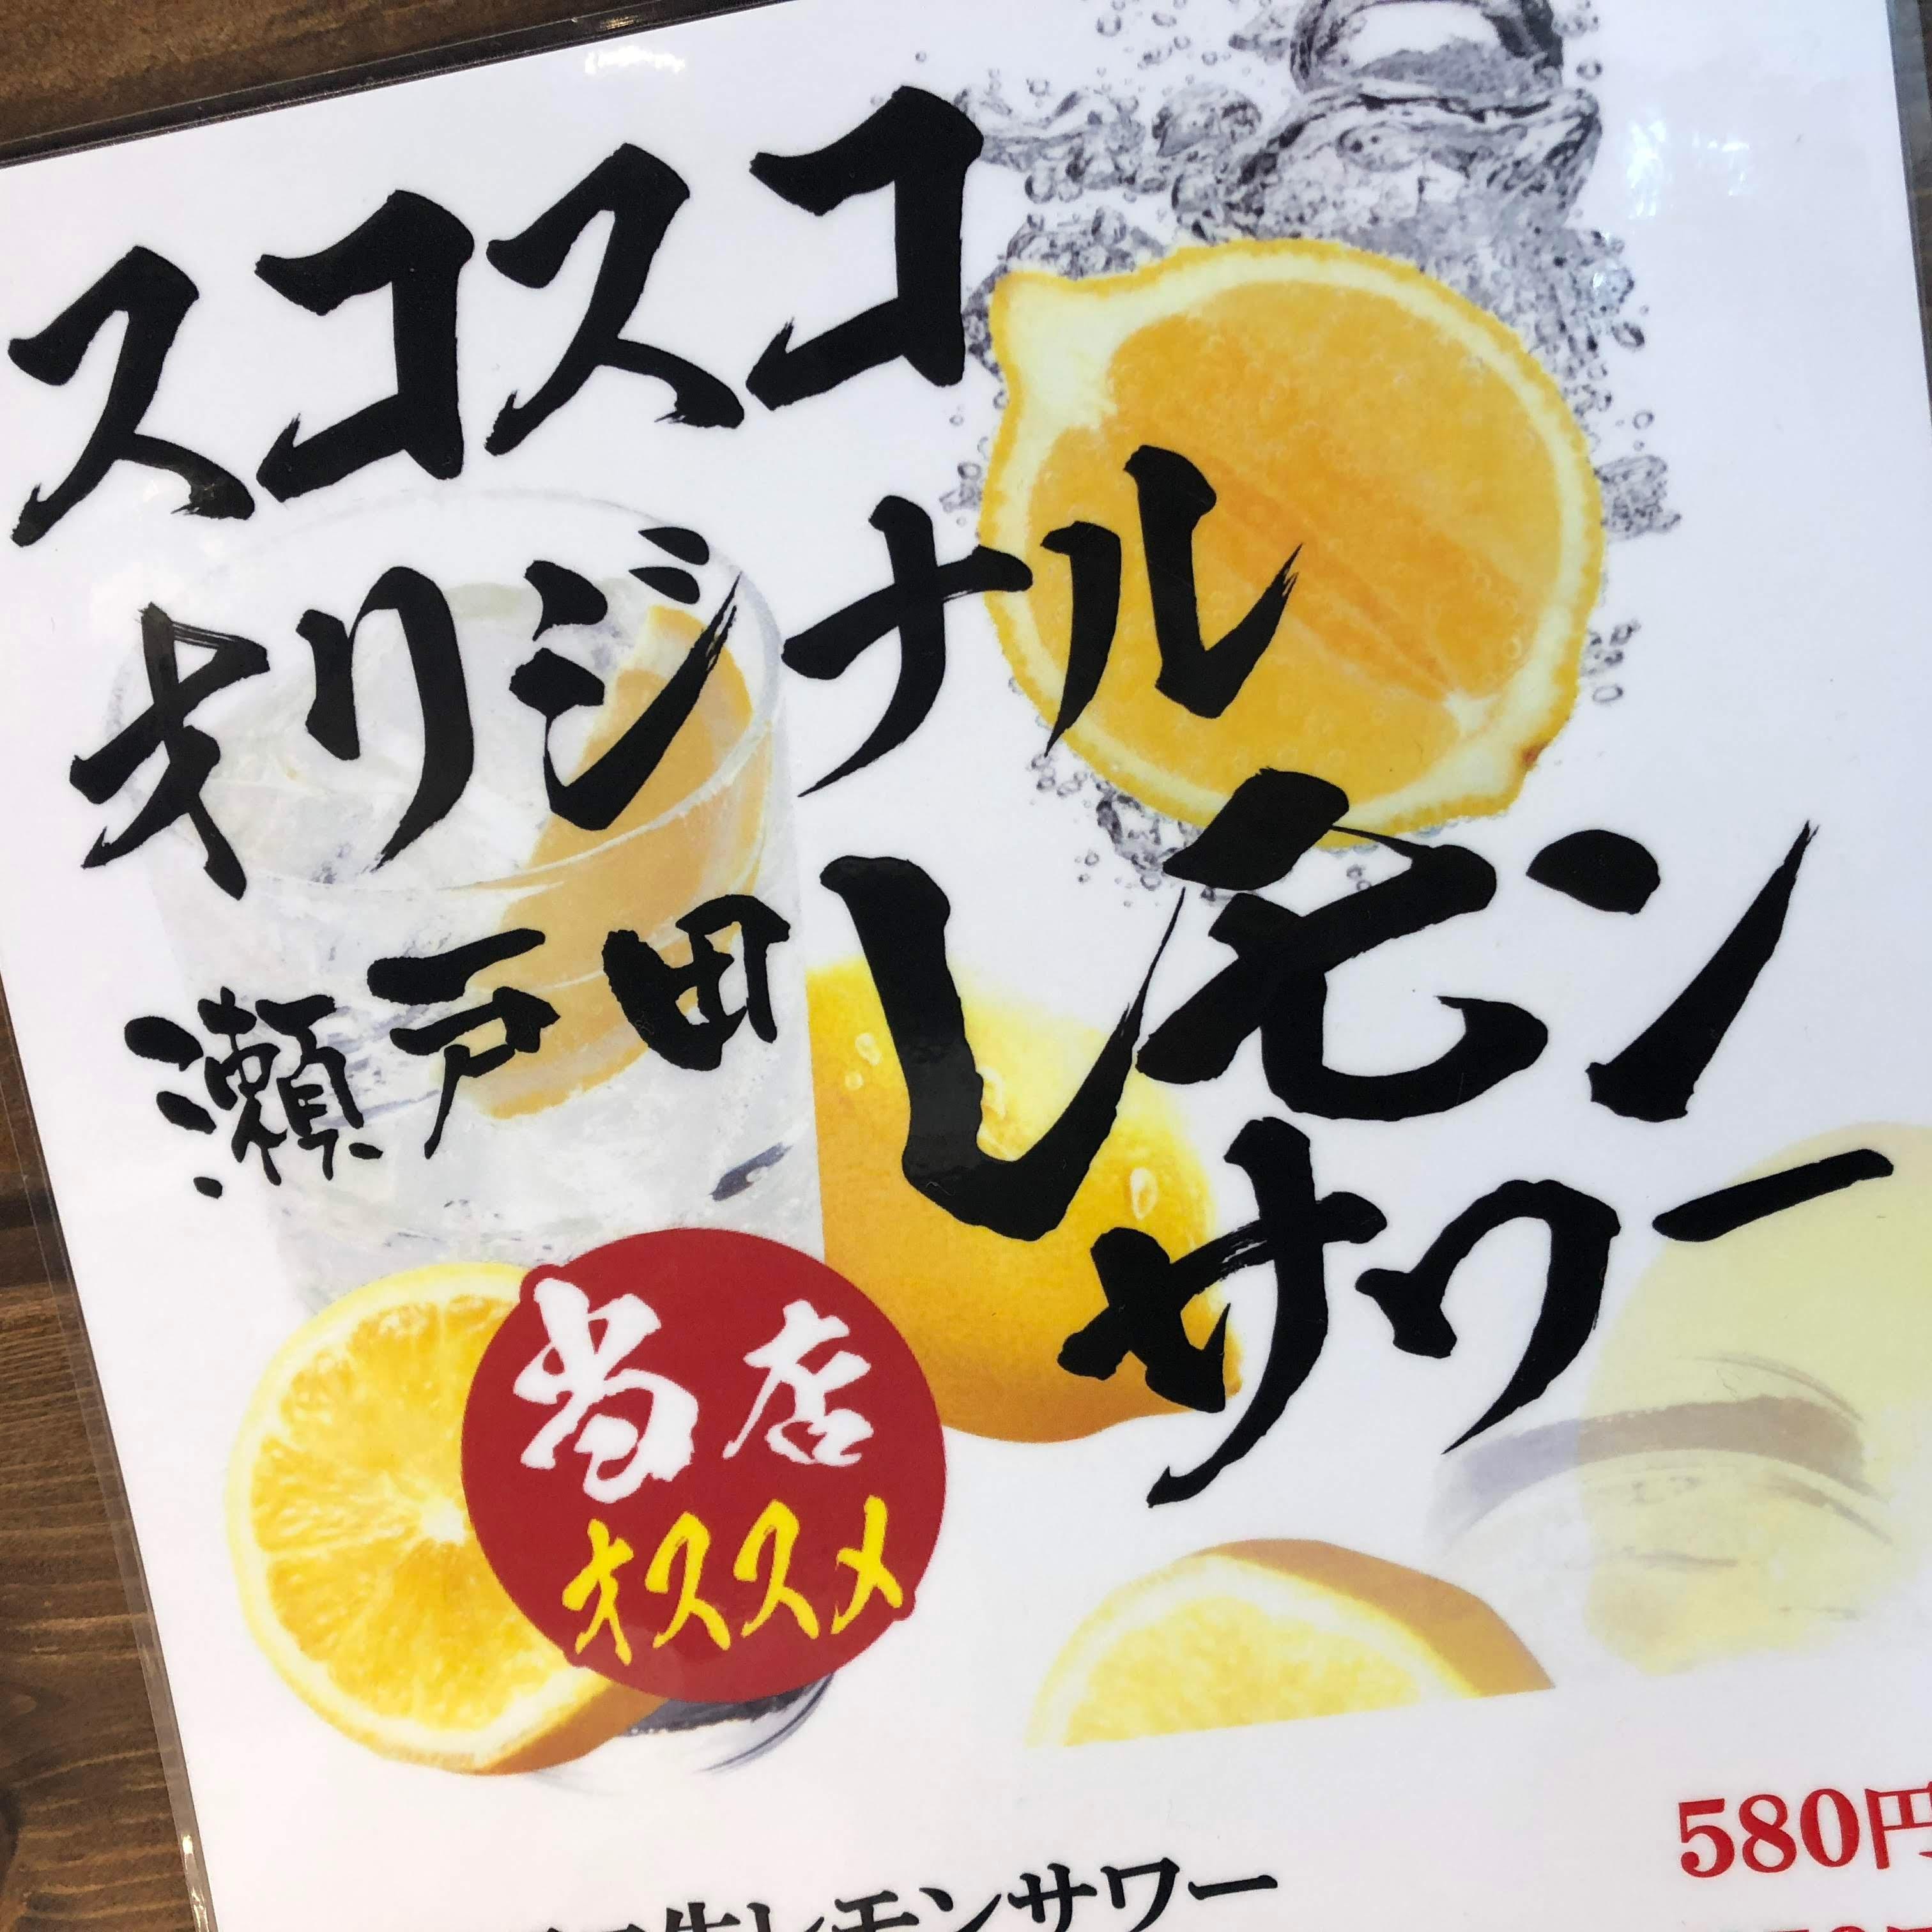 調布「焼肉タイガーアイ」おすすめレモンサワー